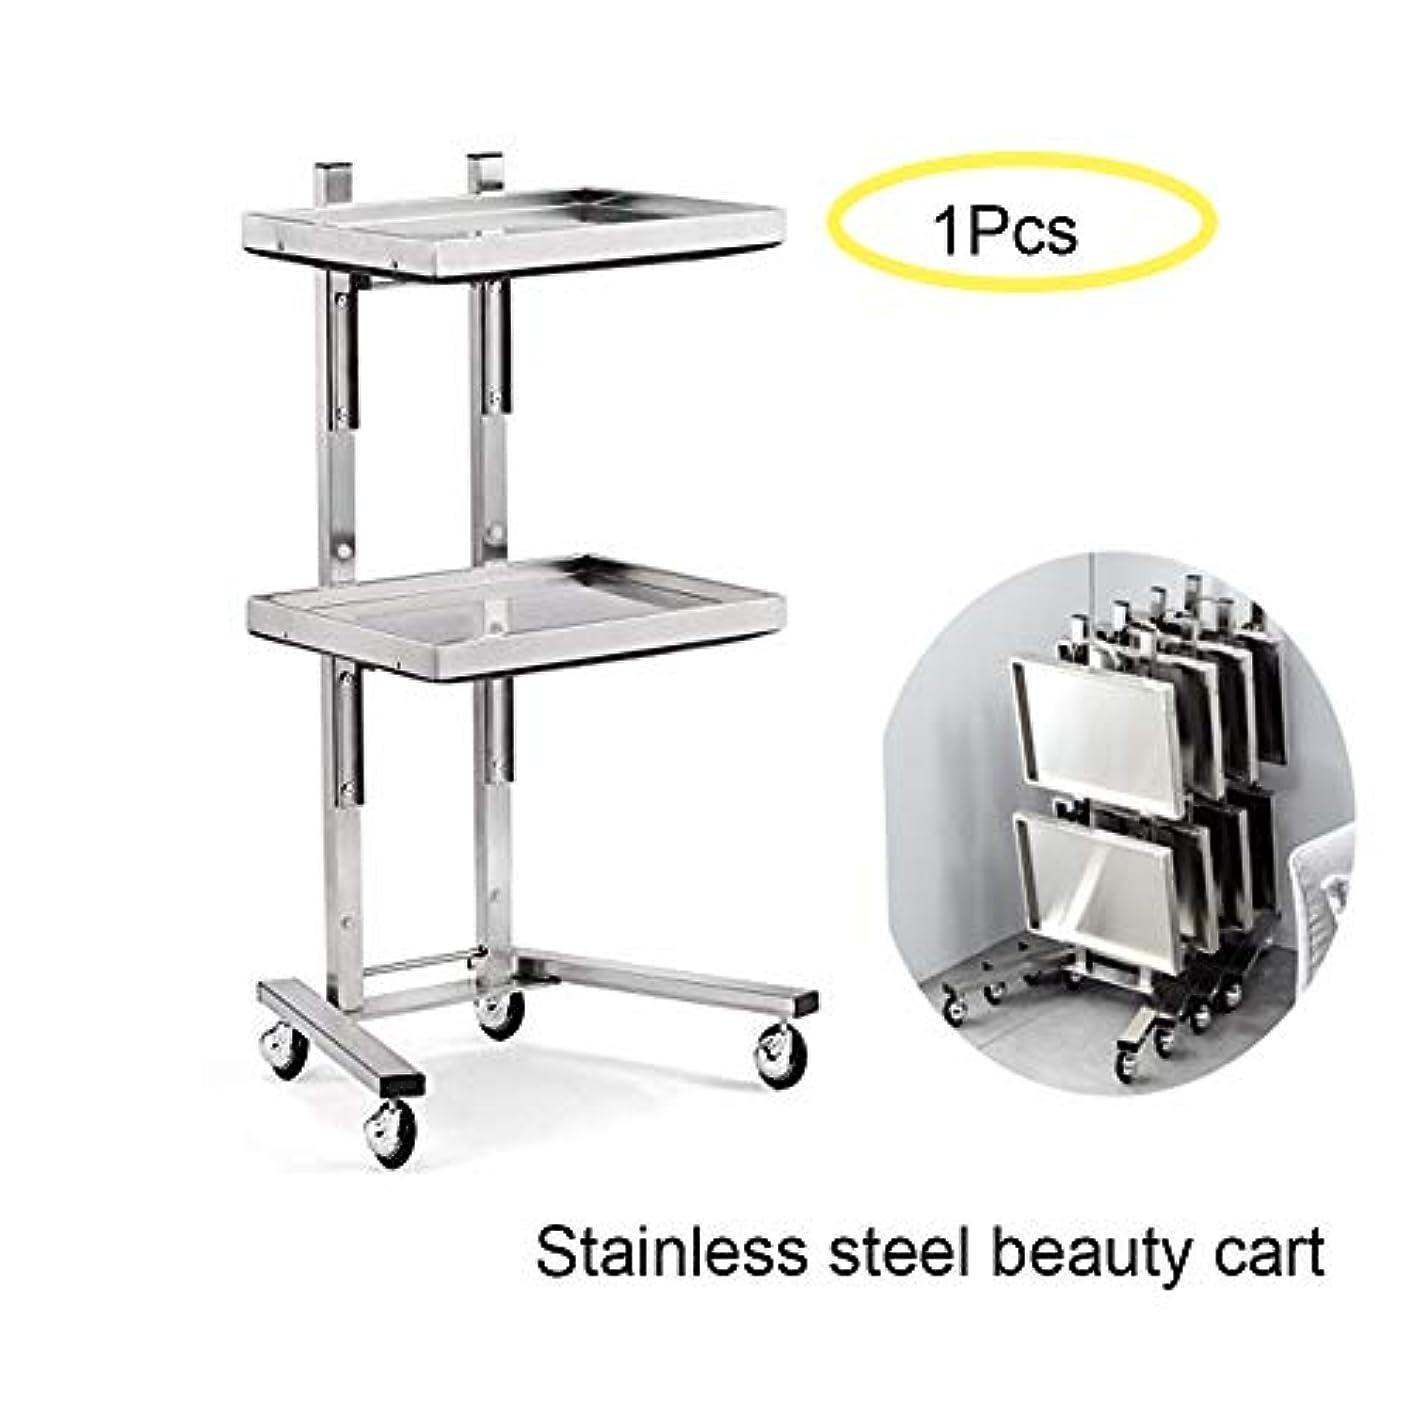 機械的にスタウトダウンタウン美容院の貯蔵のトロリーカート、4つの車輪および2つの引出しが付いているヘアローラーのカート、美容院の構造のカート,Silver